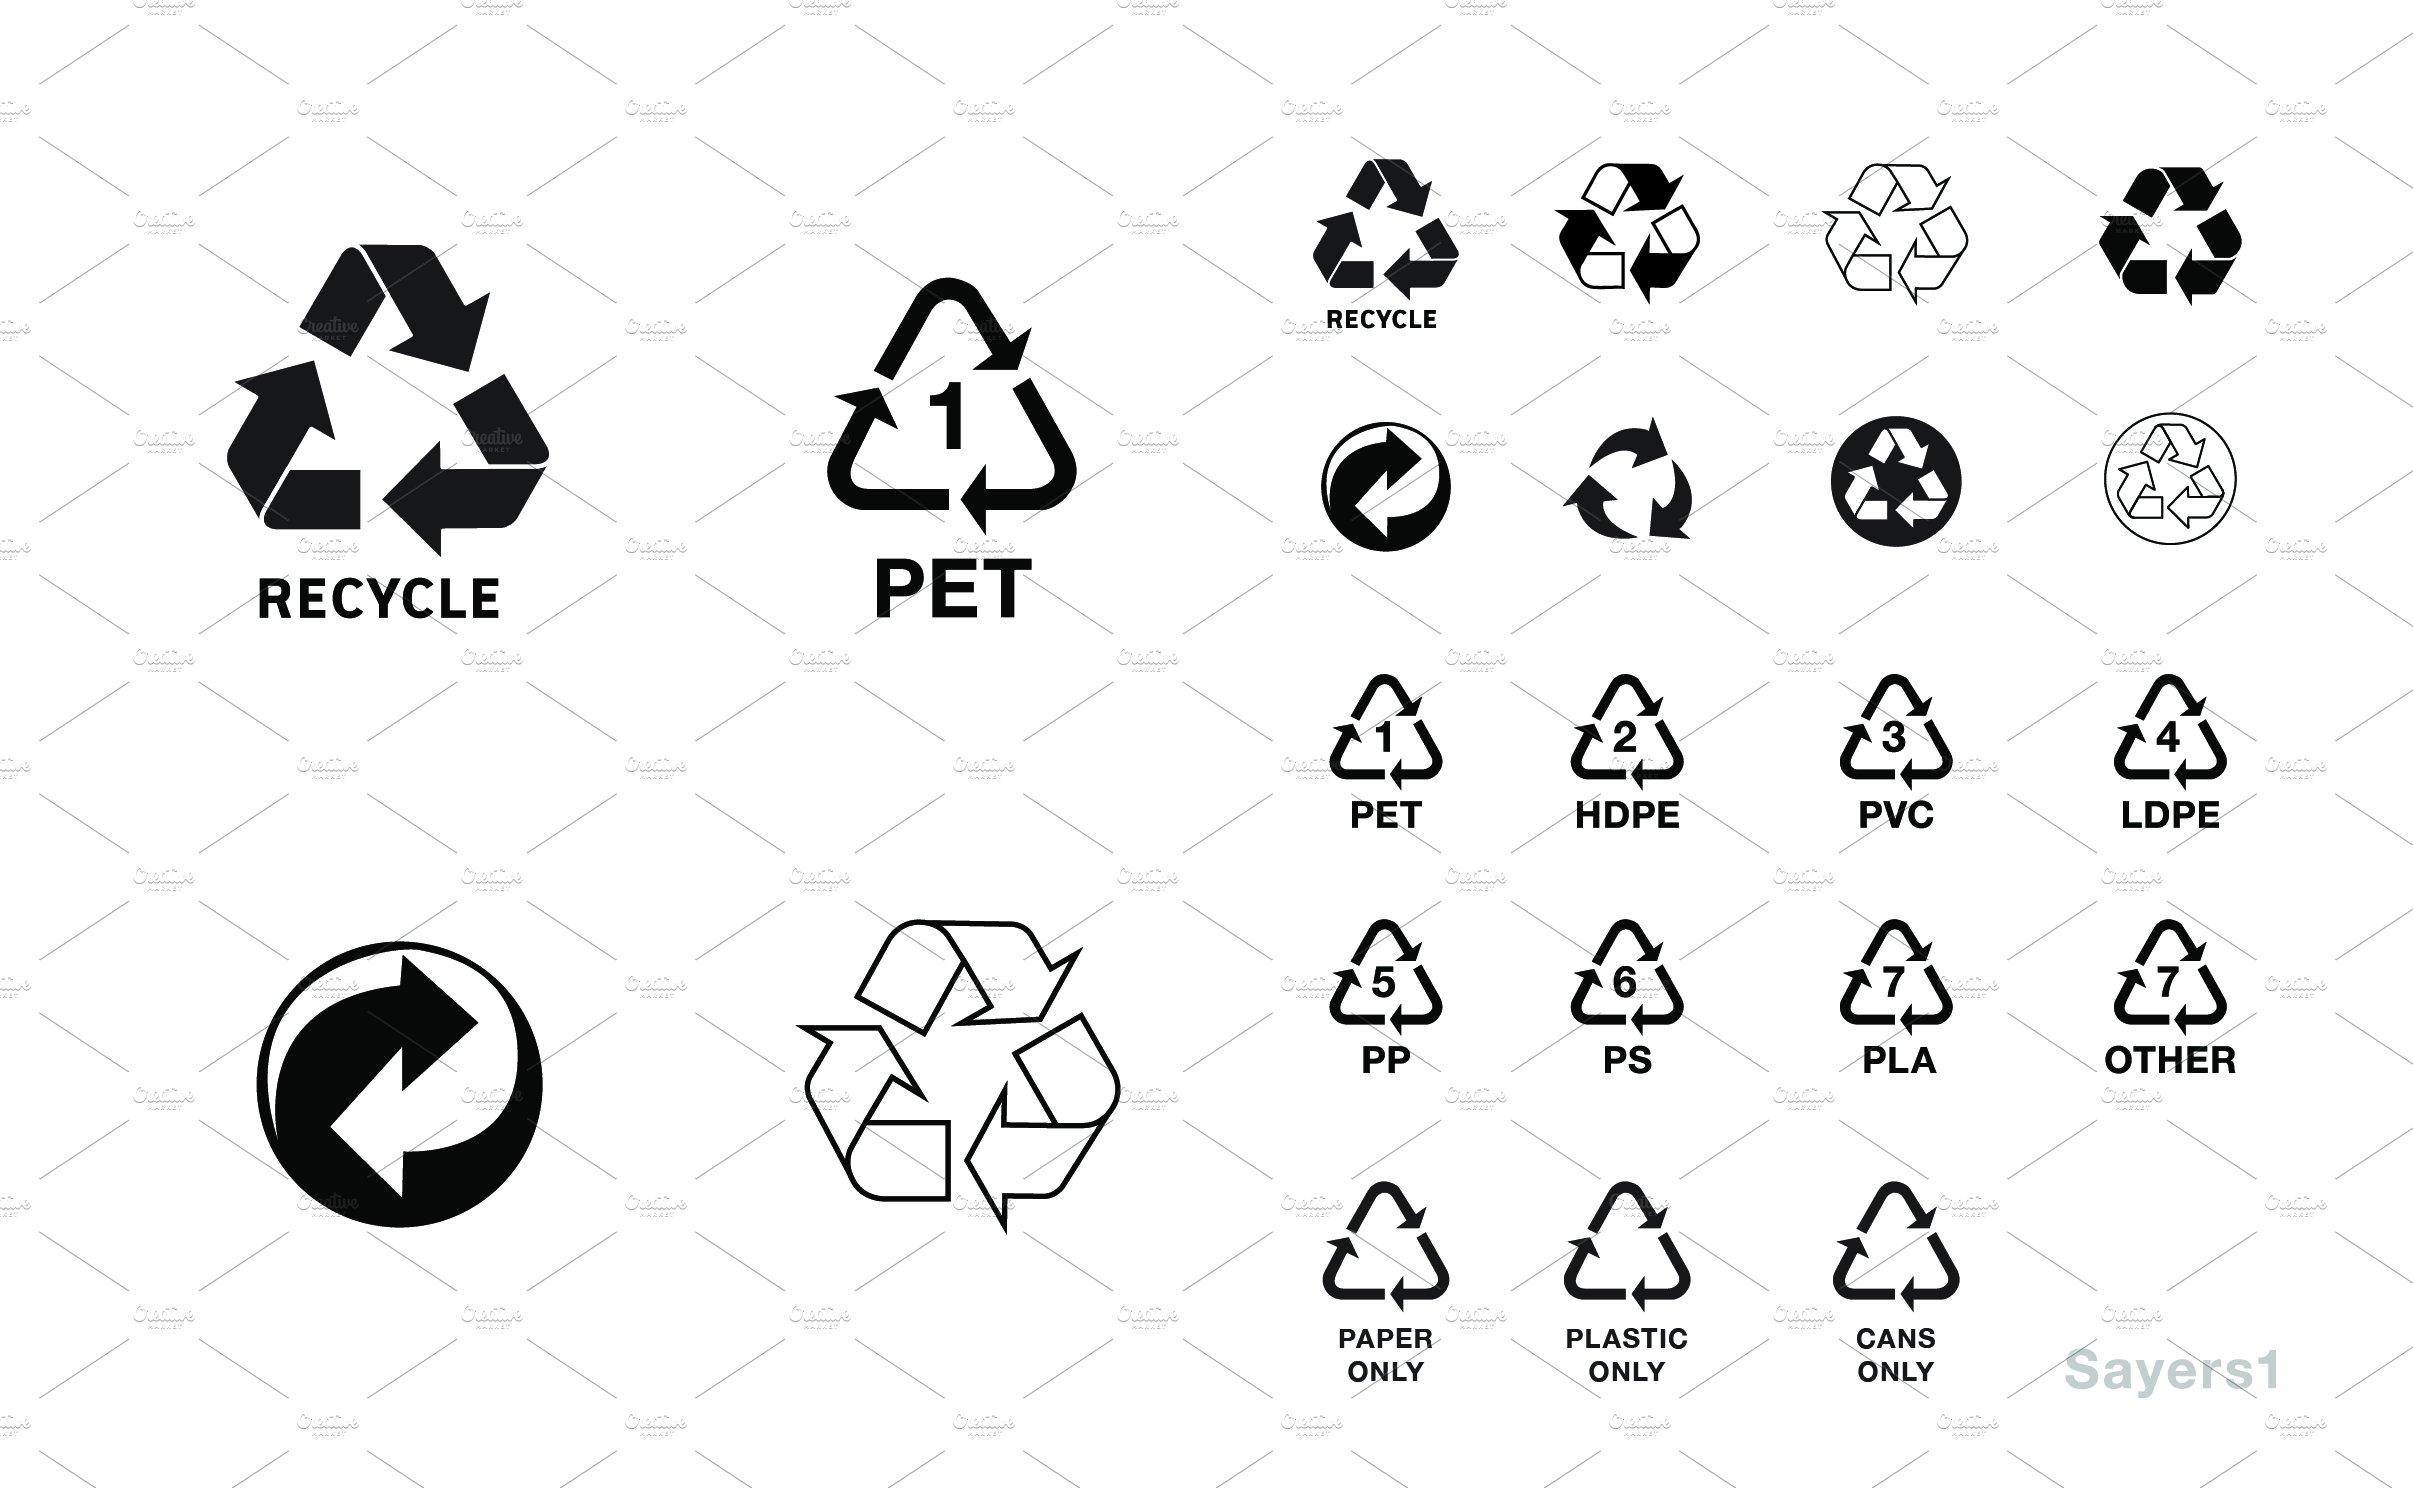 Basic Recycling Symbols Icons Icons Creative Market